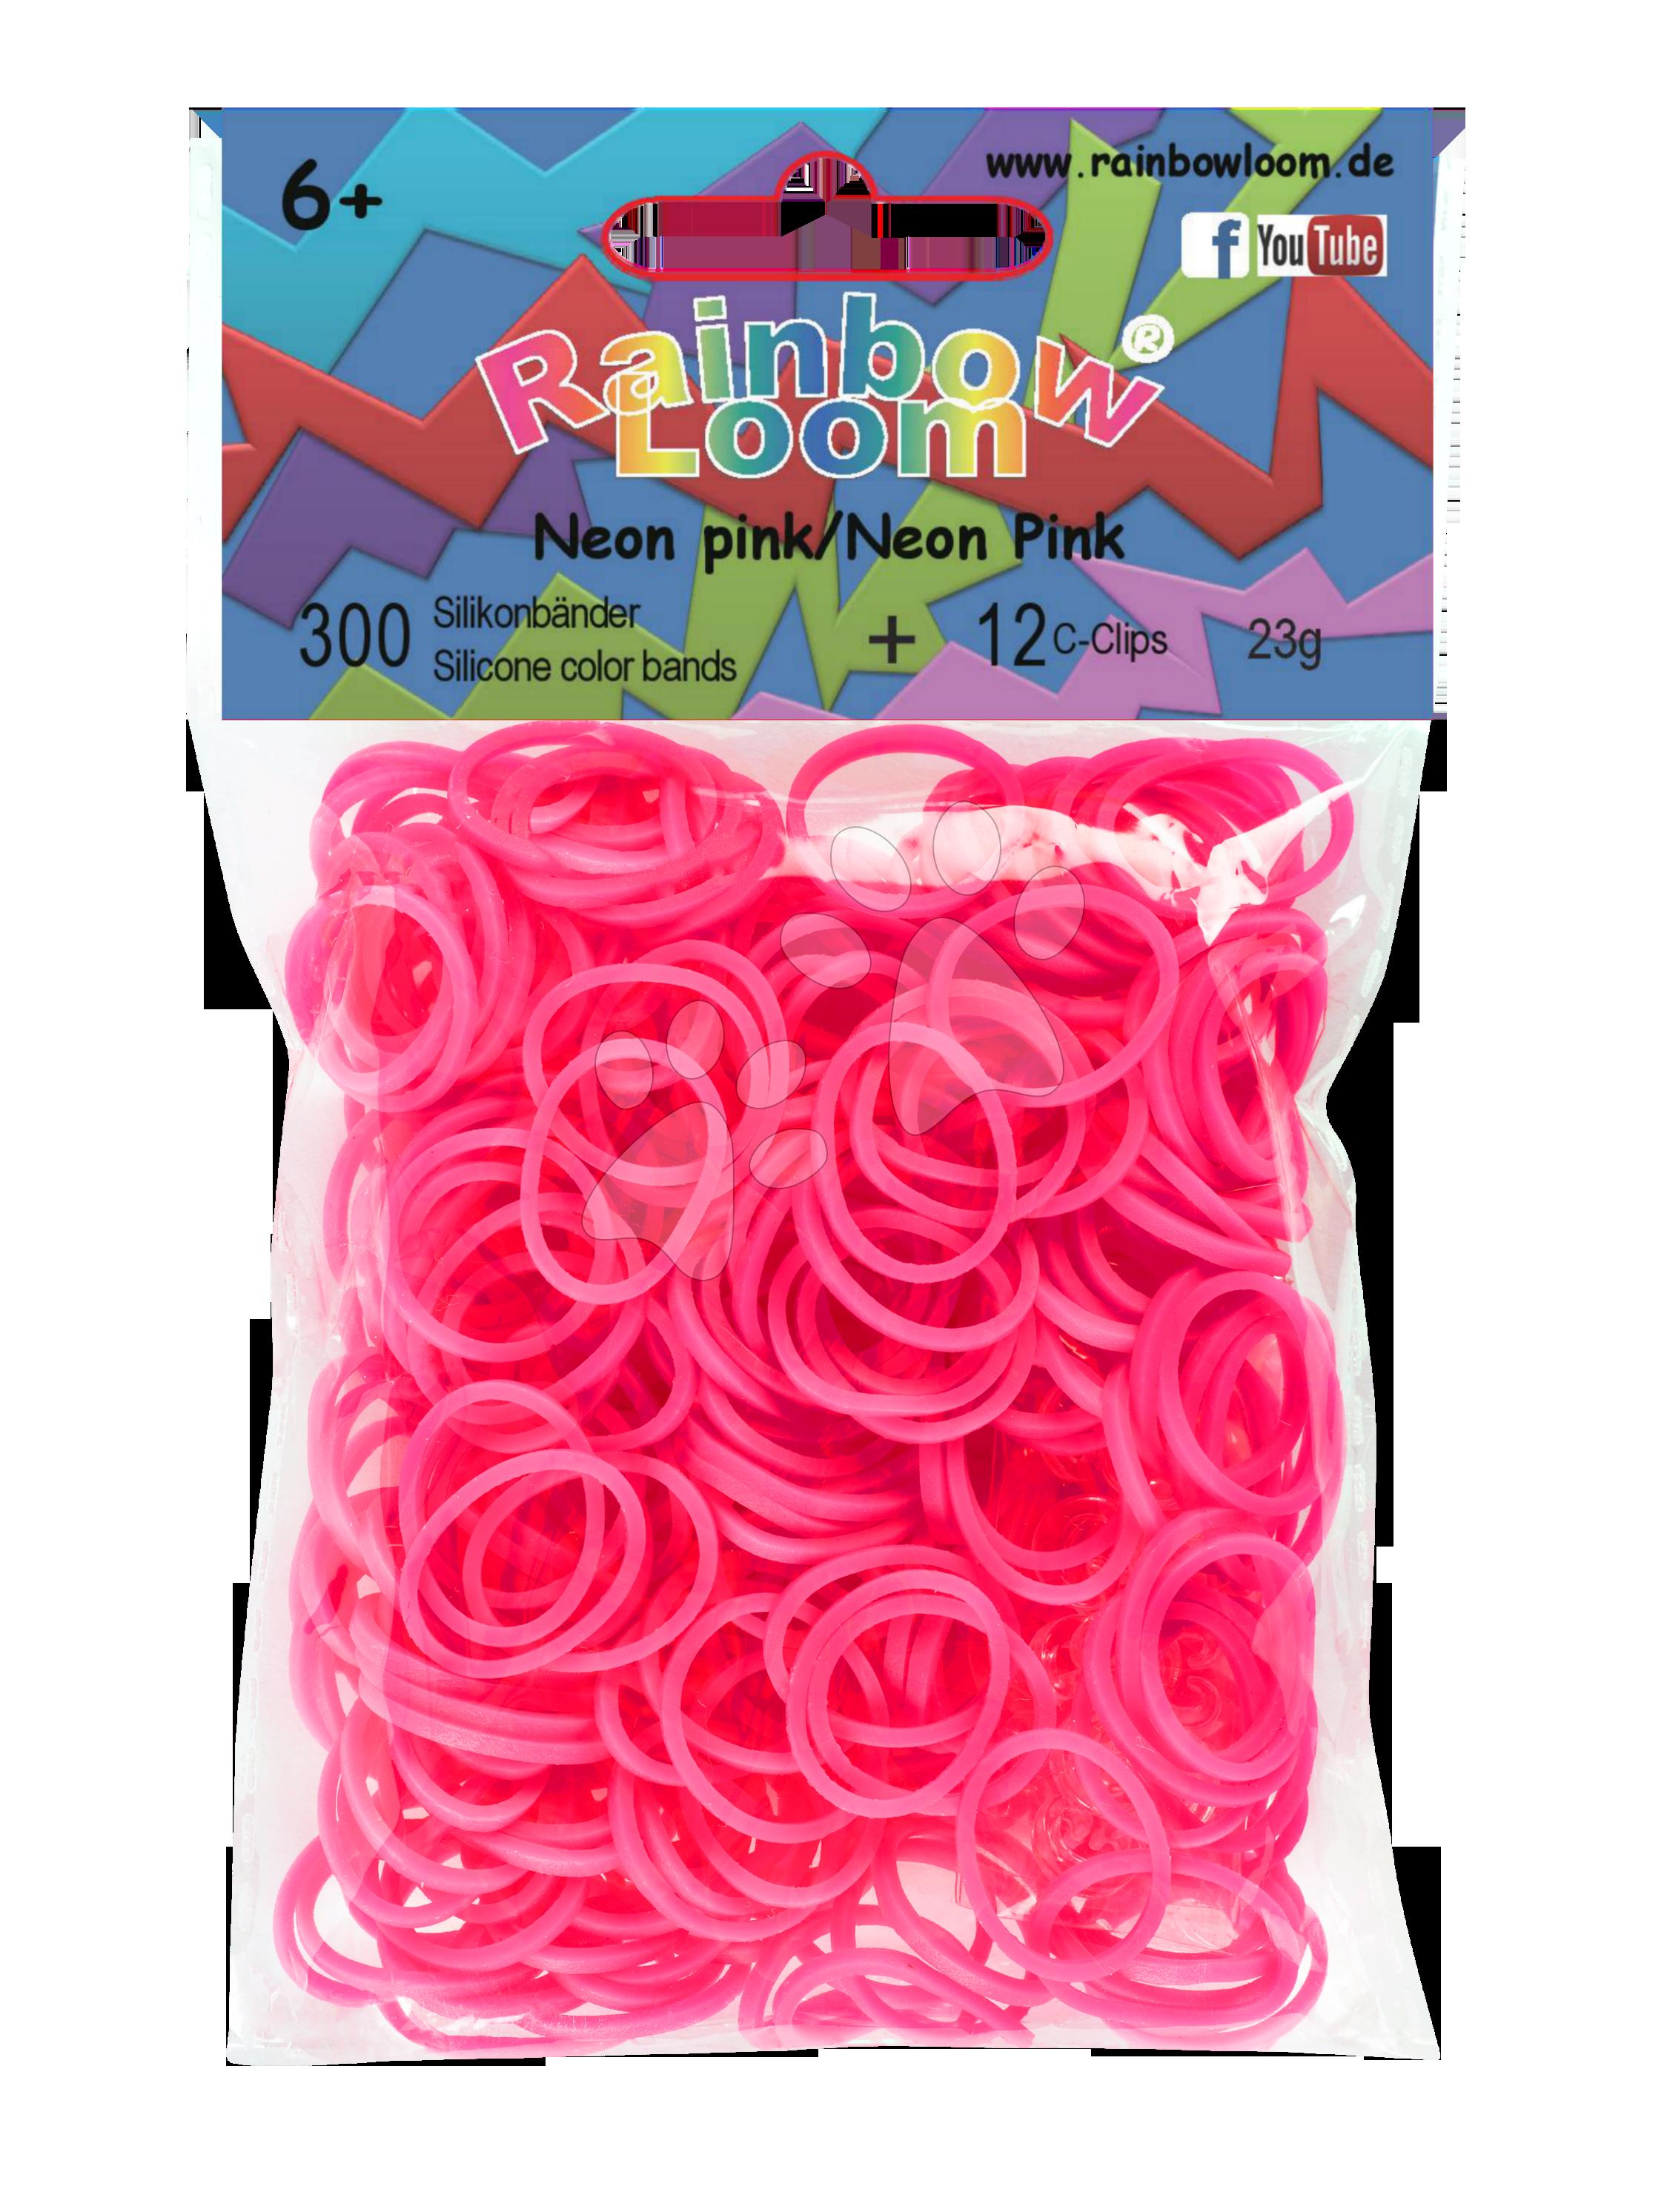 Rainbow Loom gumičky neonové - Rainbow Loom originálne gumičky 300 kusov neónovoružové od 6 rokov